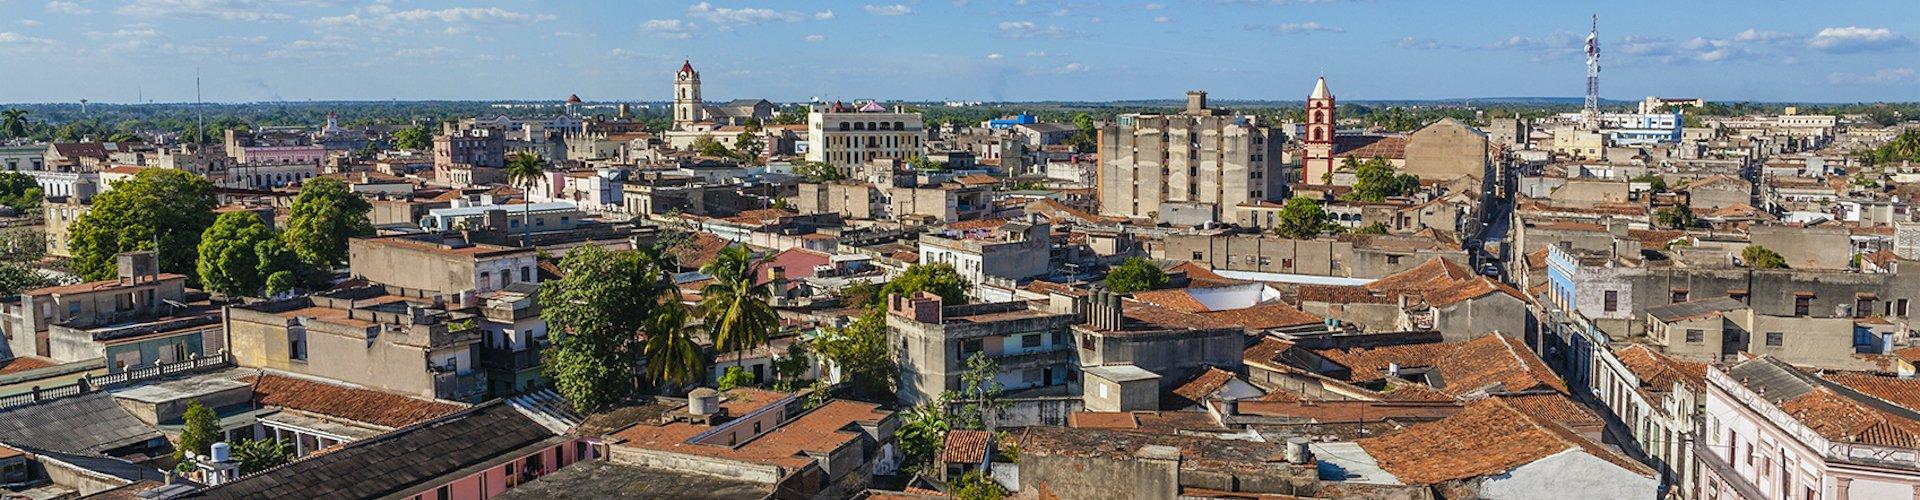 Ausflugsziel Camagüey